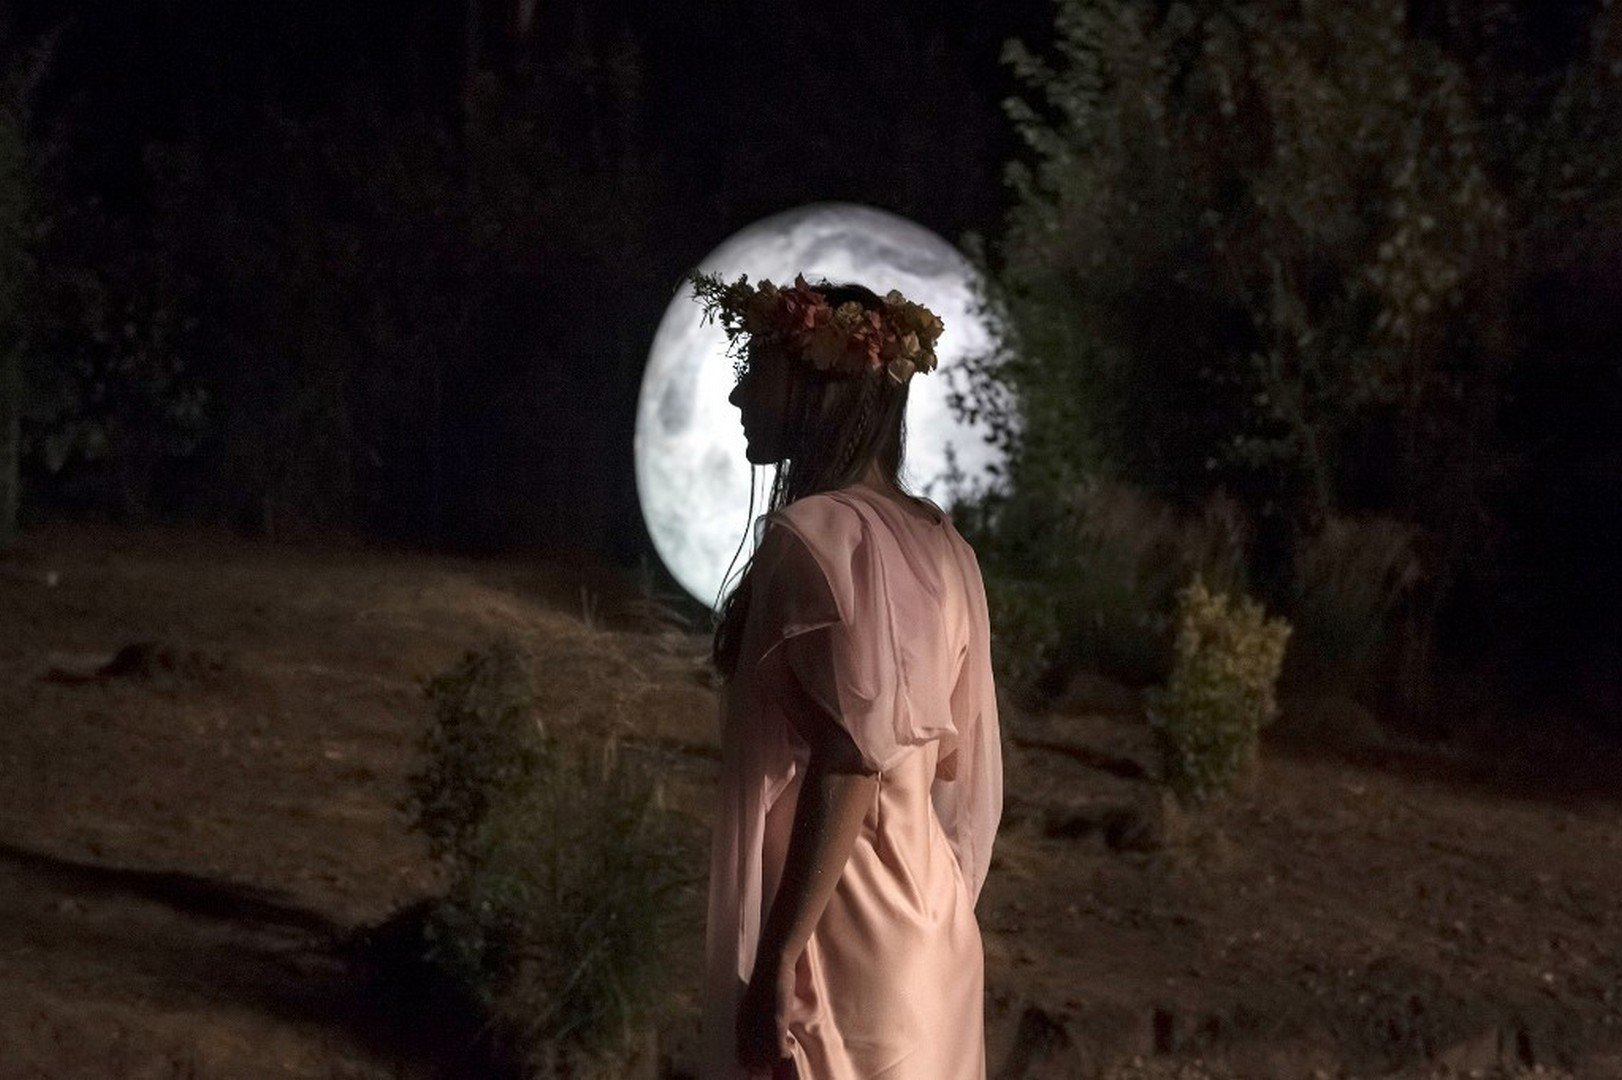 Bilzen Mysteries trakteert een Moonrise cocktail tijdens de maansverduistering - Bilzen Mysteries 1